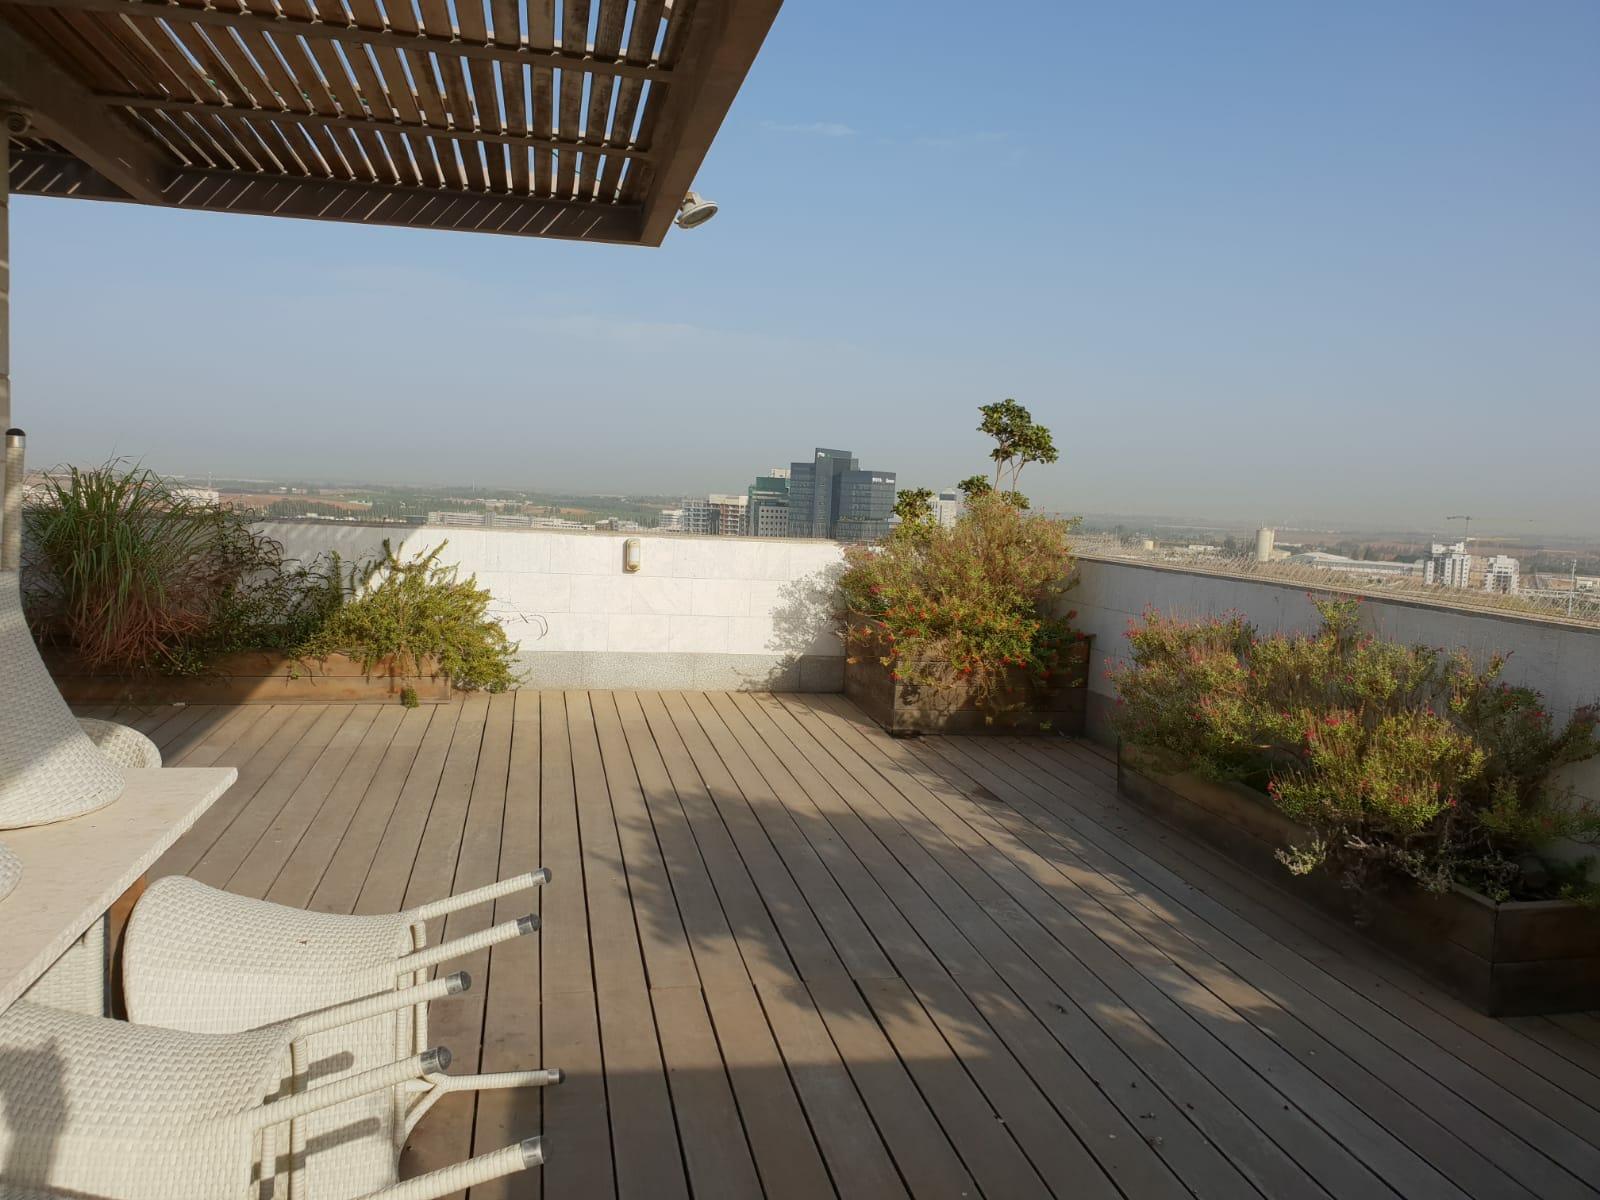 Produit d'Exception, Duplex Penthouse  dans l'est de Raanana